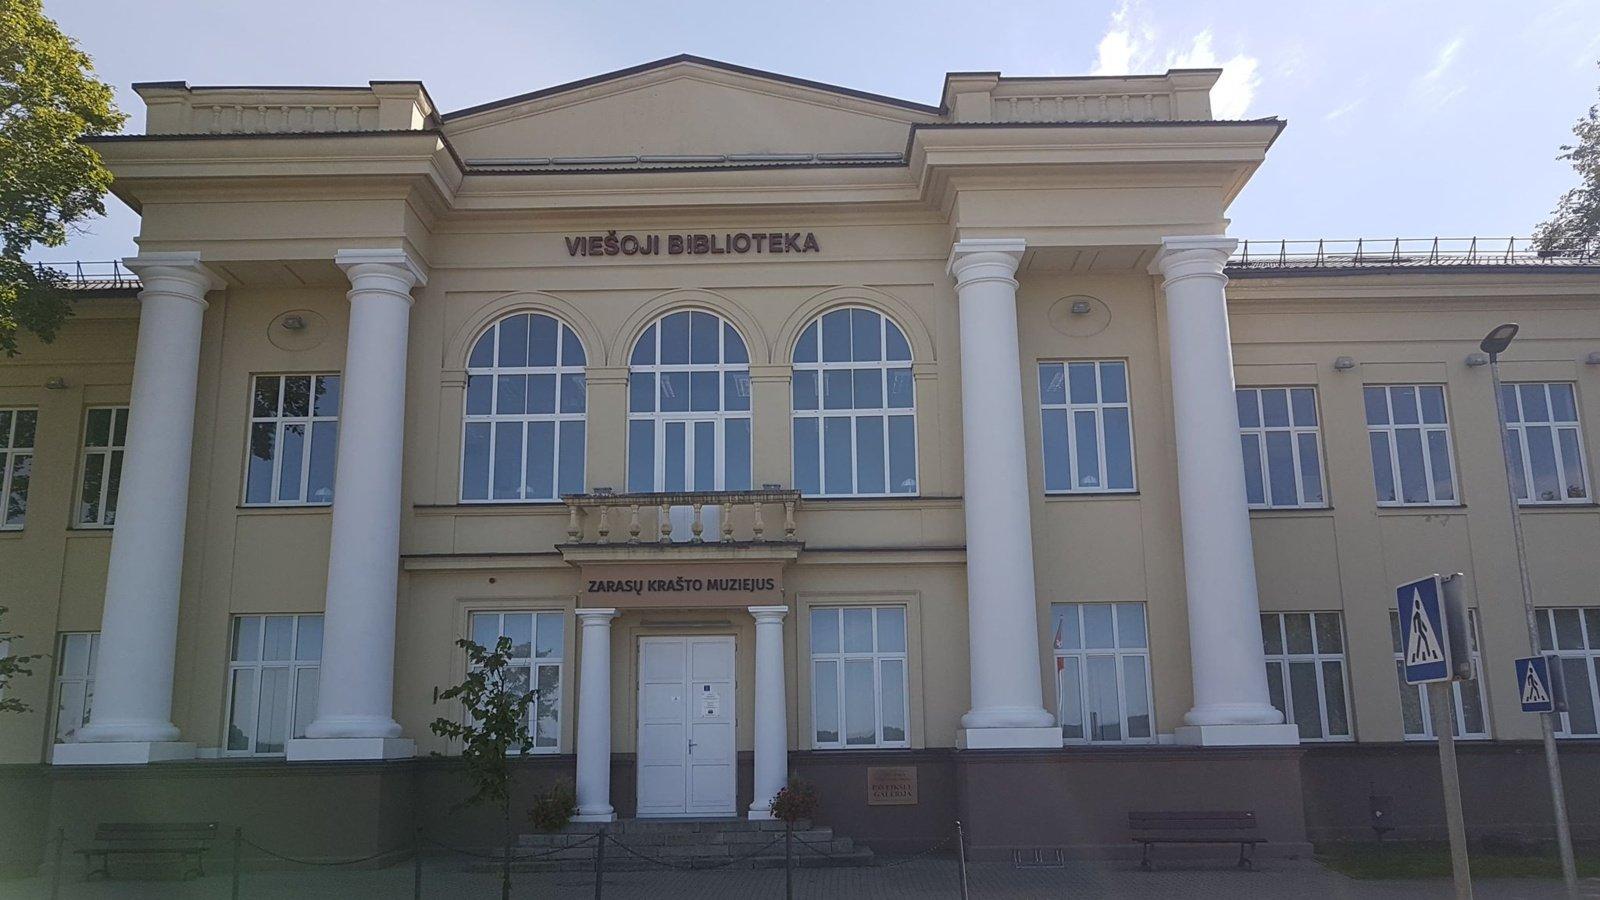 Biblioteka kviečia į literatūros vakarą poeto Justino Marcinkevičiaus 90-čiui